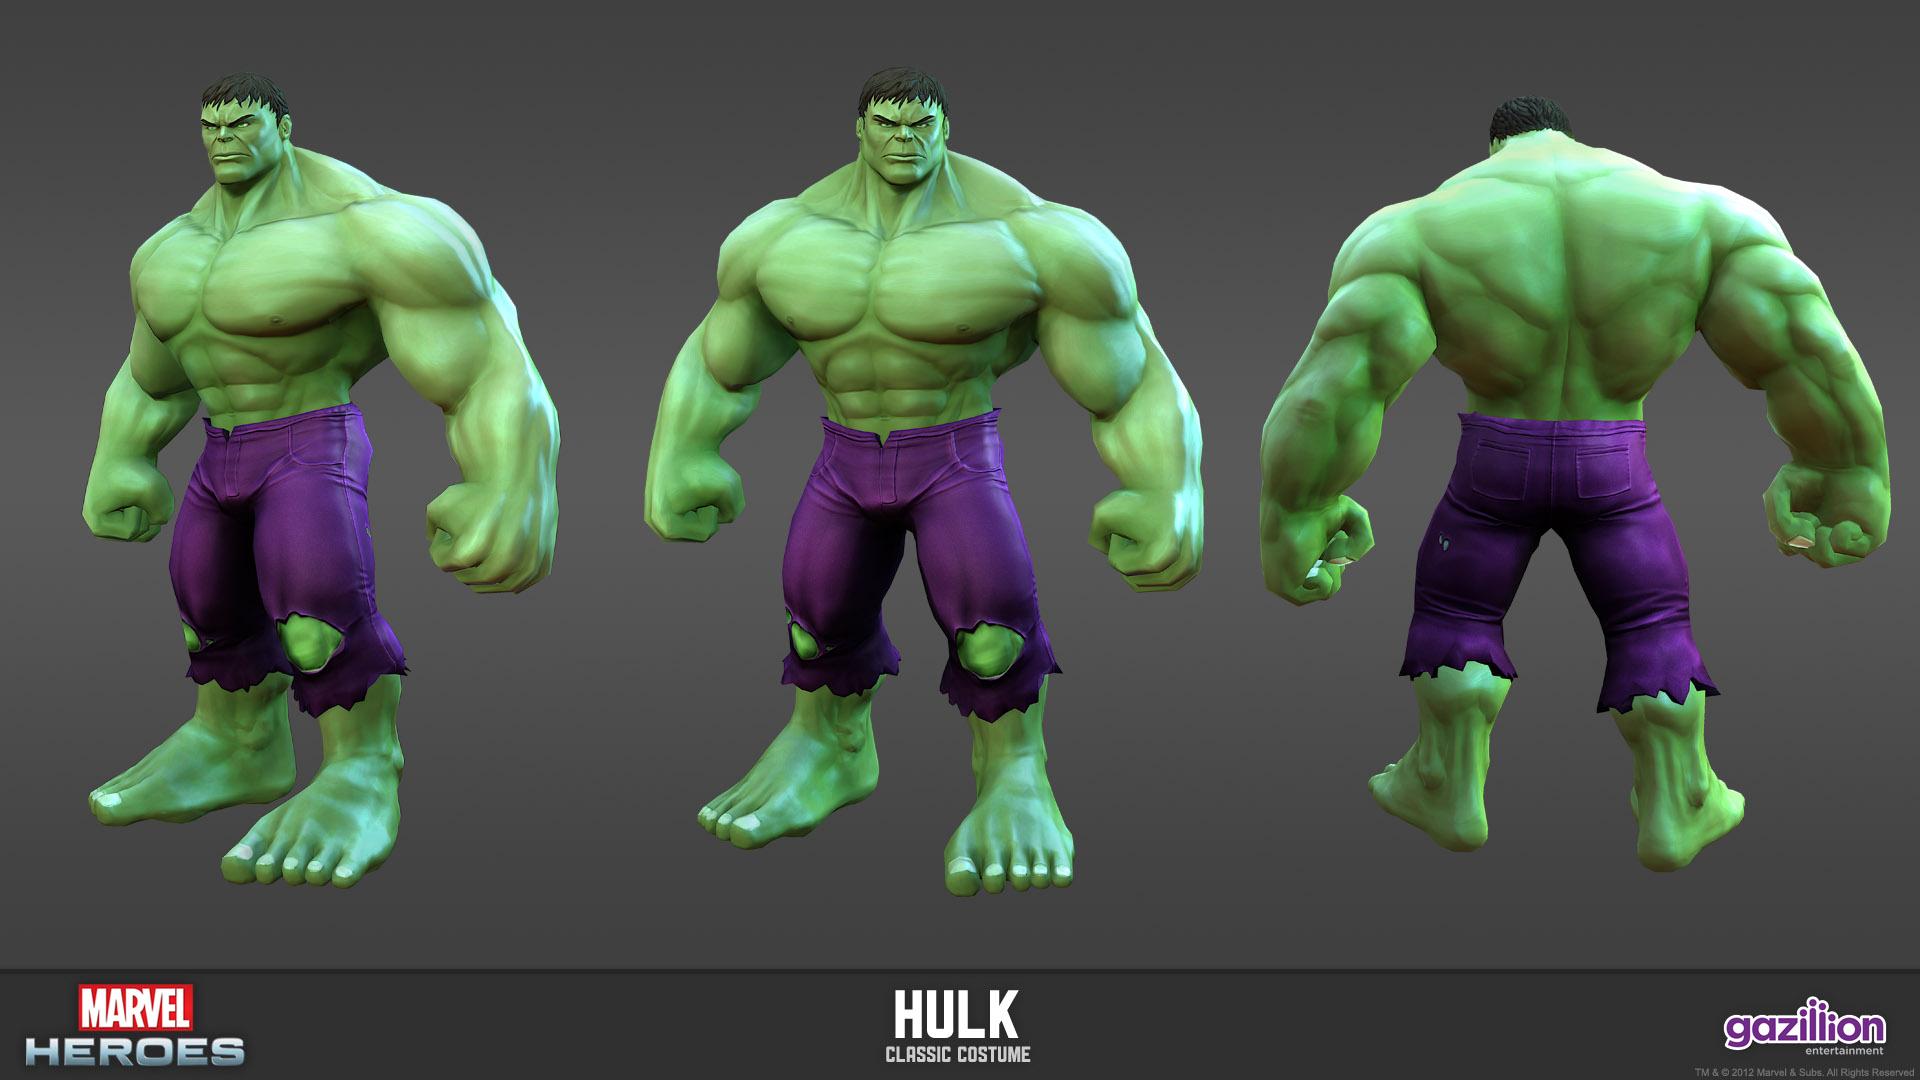 marvel superheroes hulk entertainment - photo #12